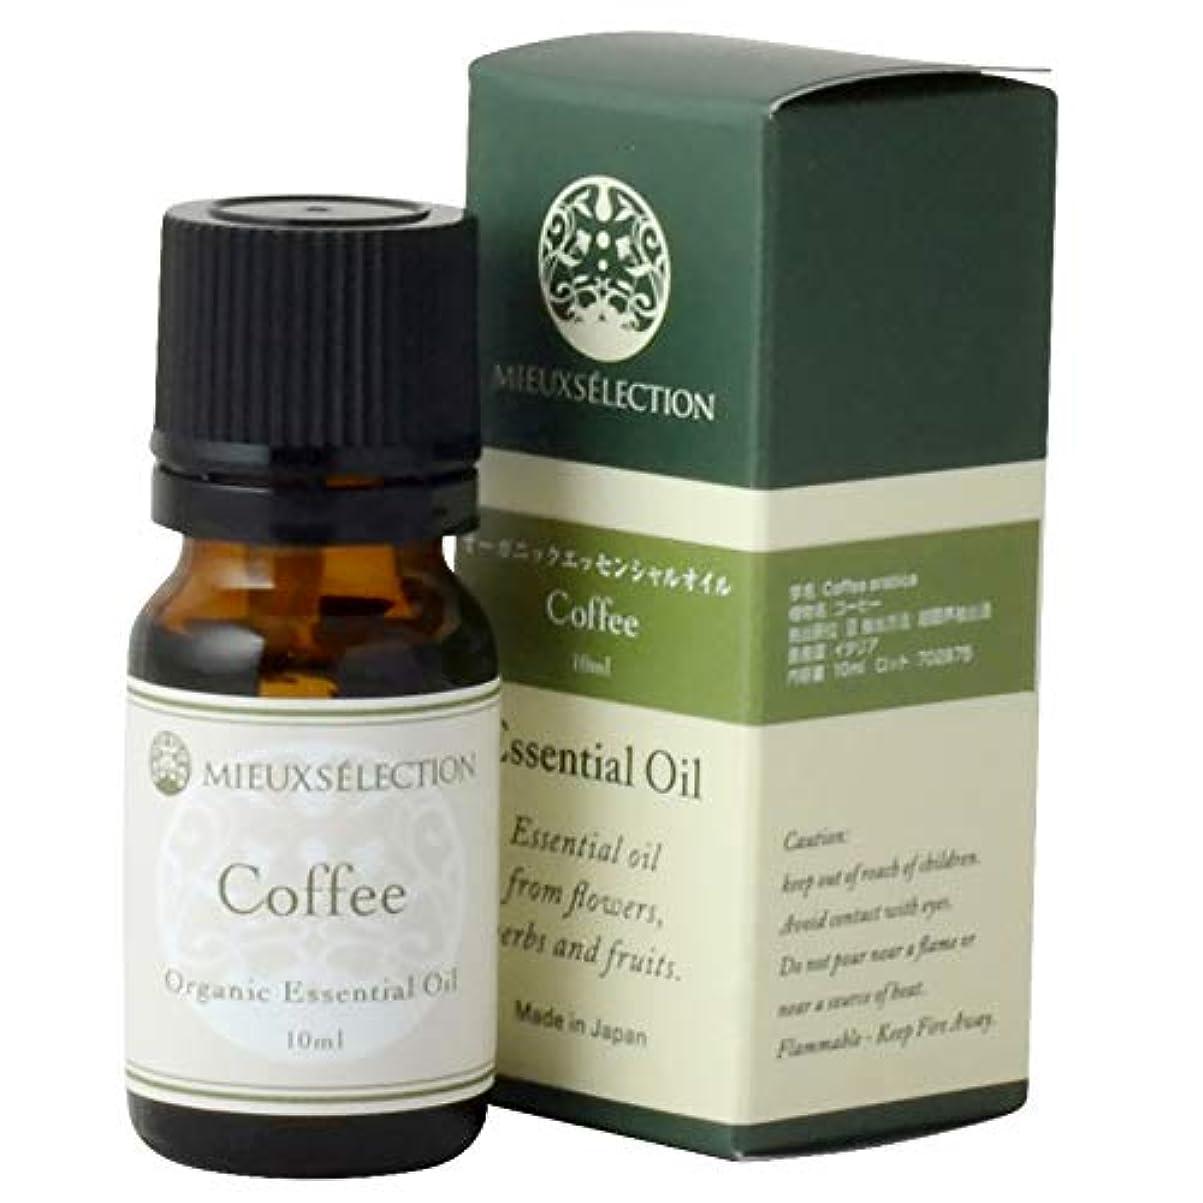 リマ活発軽減オーガニックCO2エキストラクト コーヒー 10ml